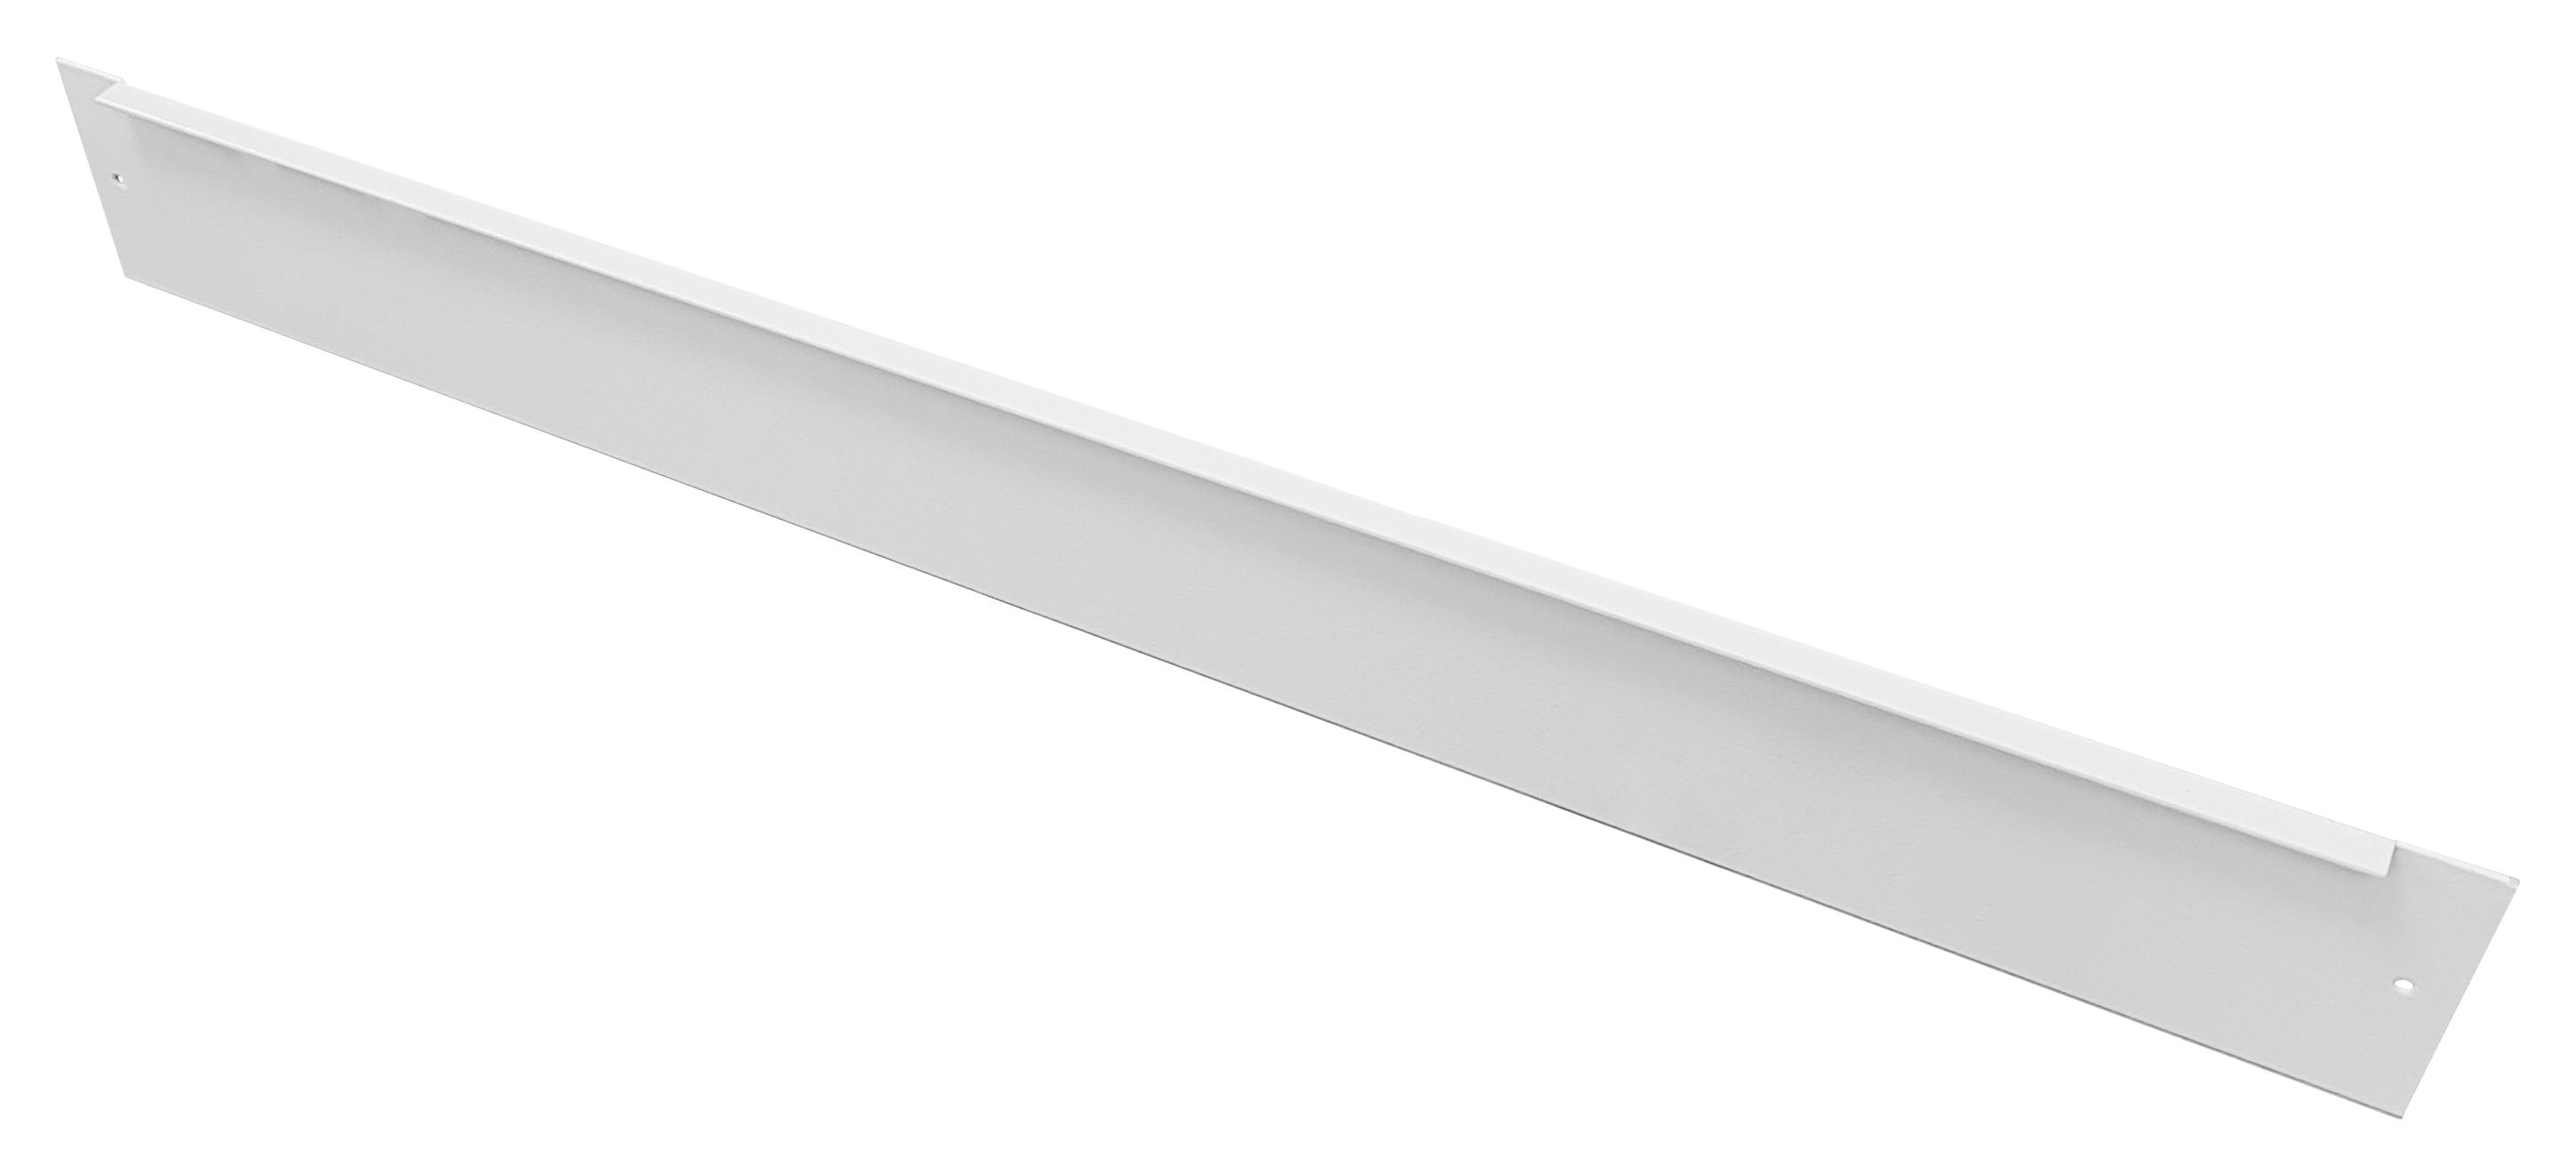 1 Stk Sockel-Frontrahmen für Maskenverteiler Breite 3 IL091030--